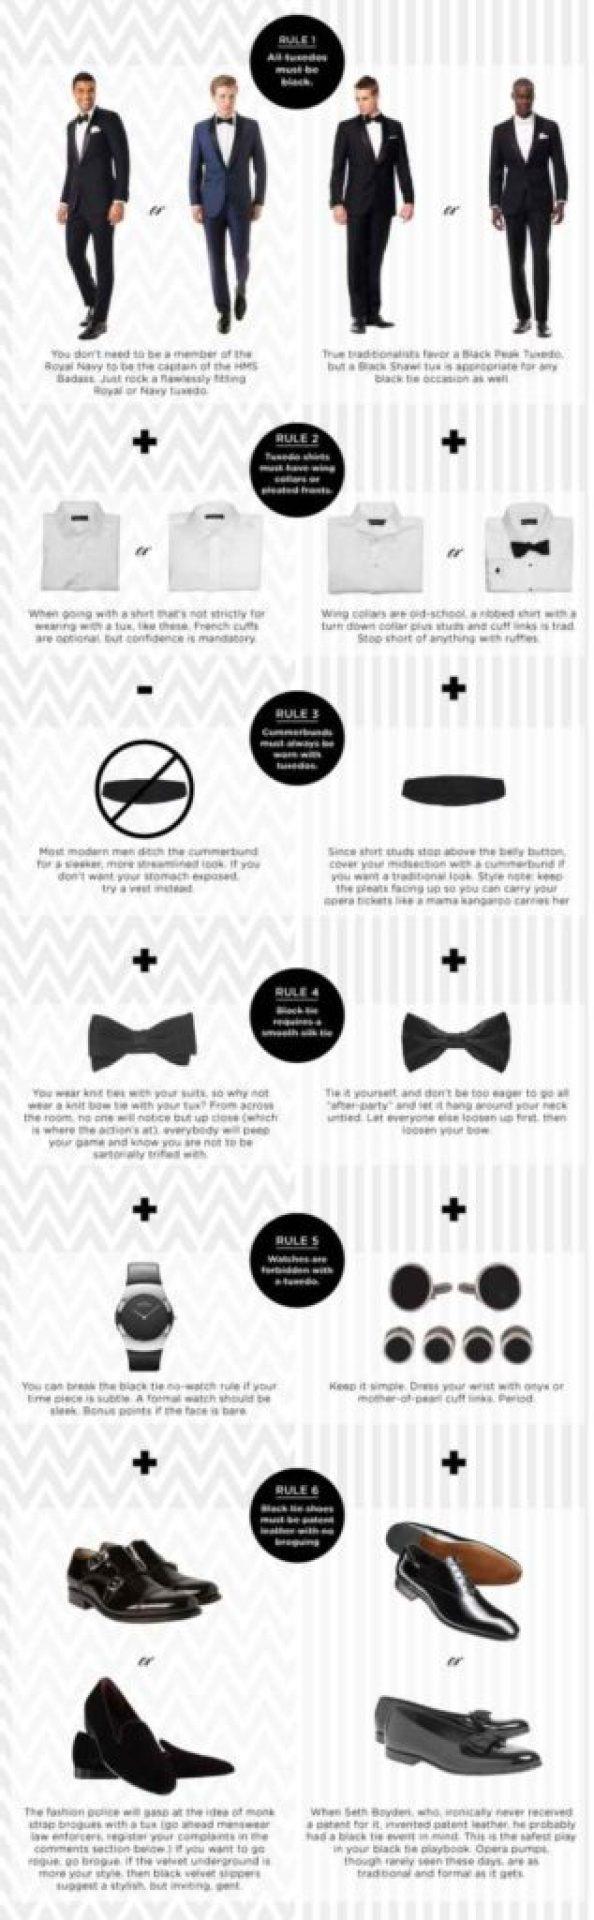 tuxedo info graphic